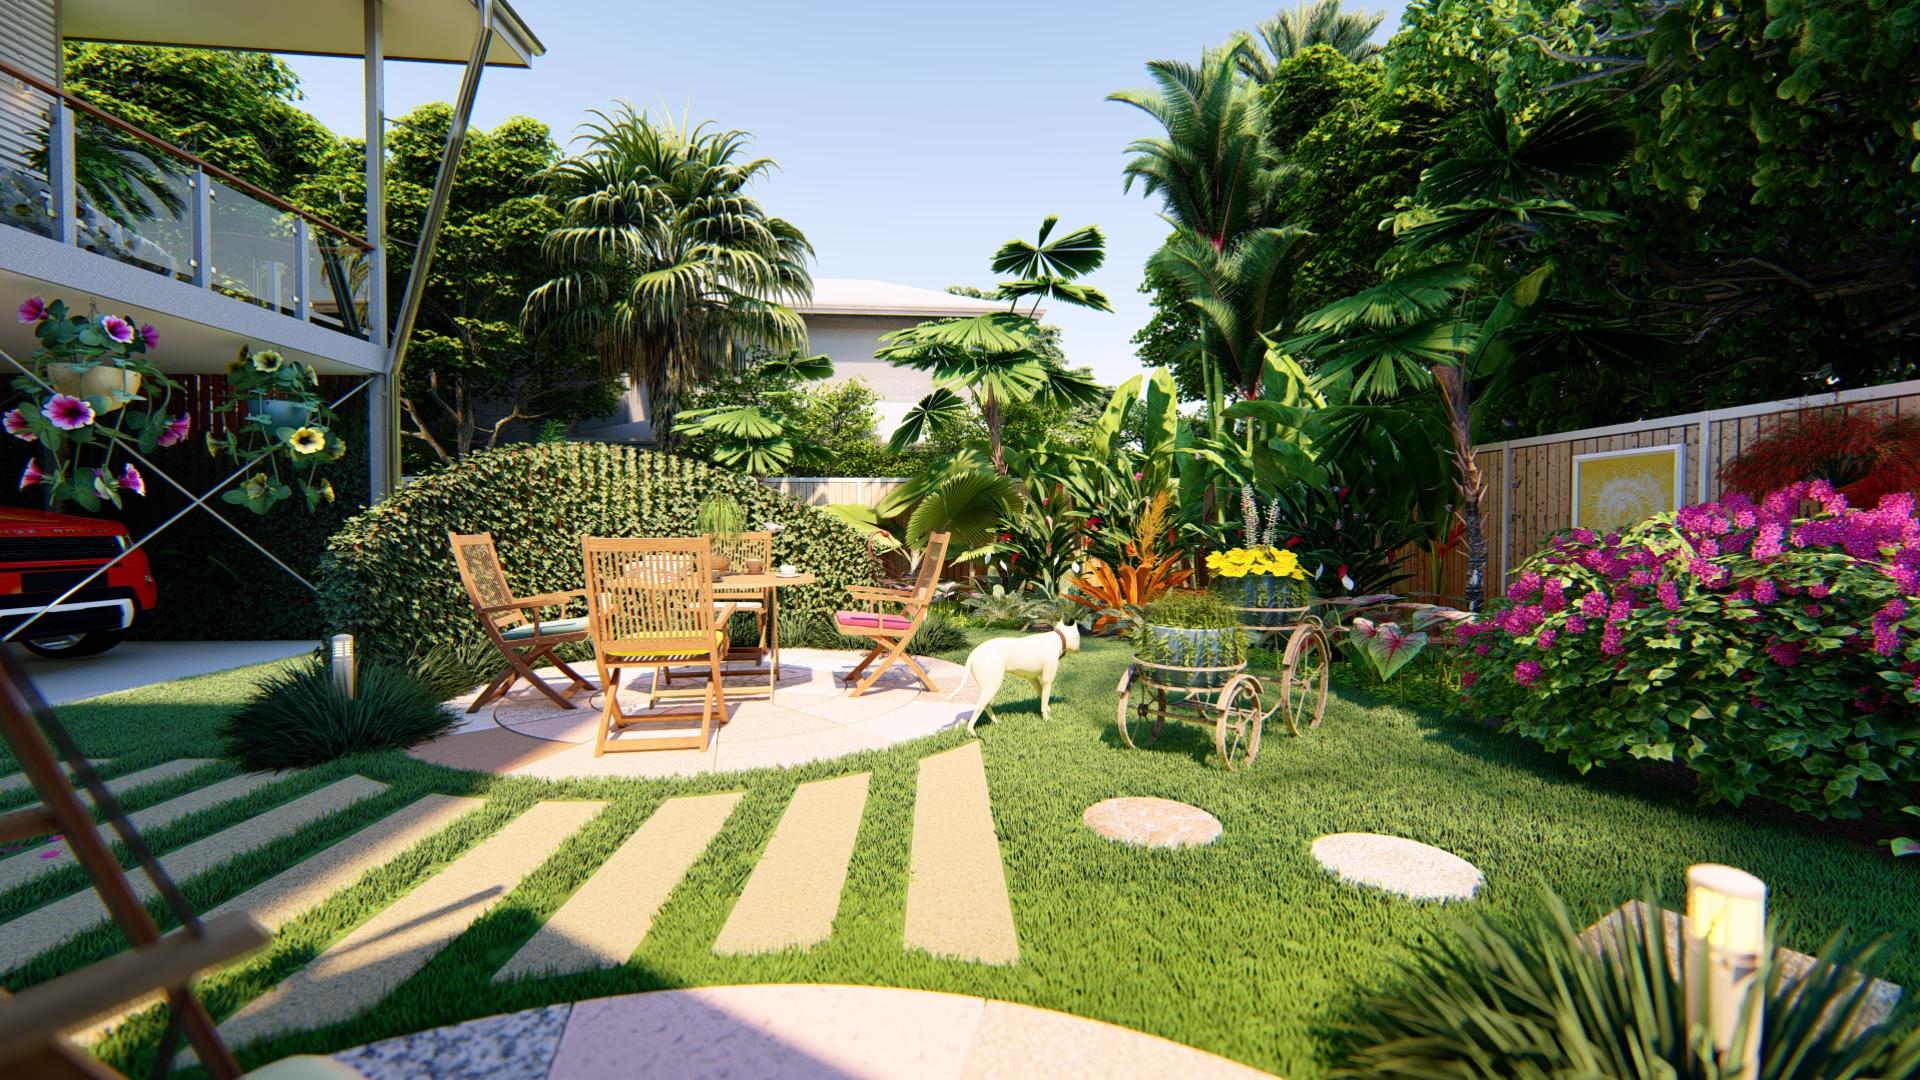 tropical garden concept